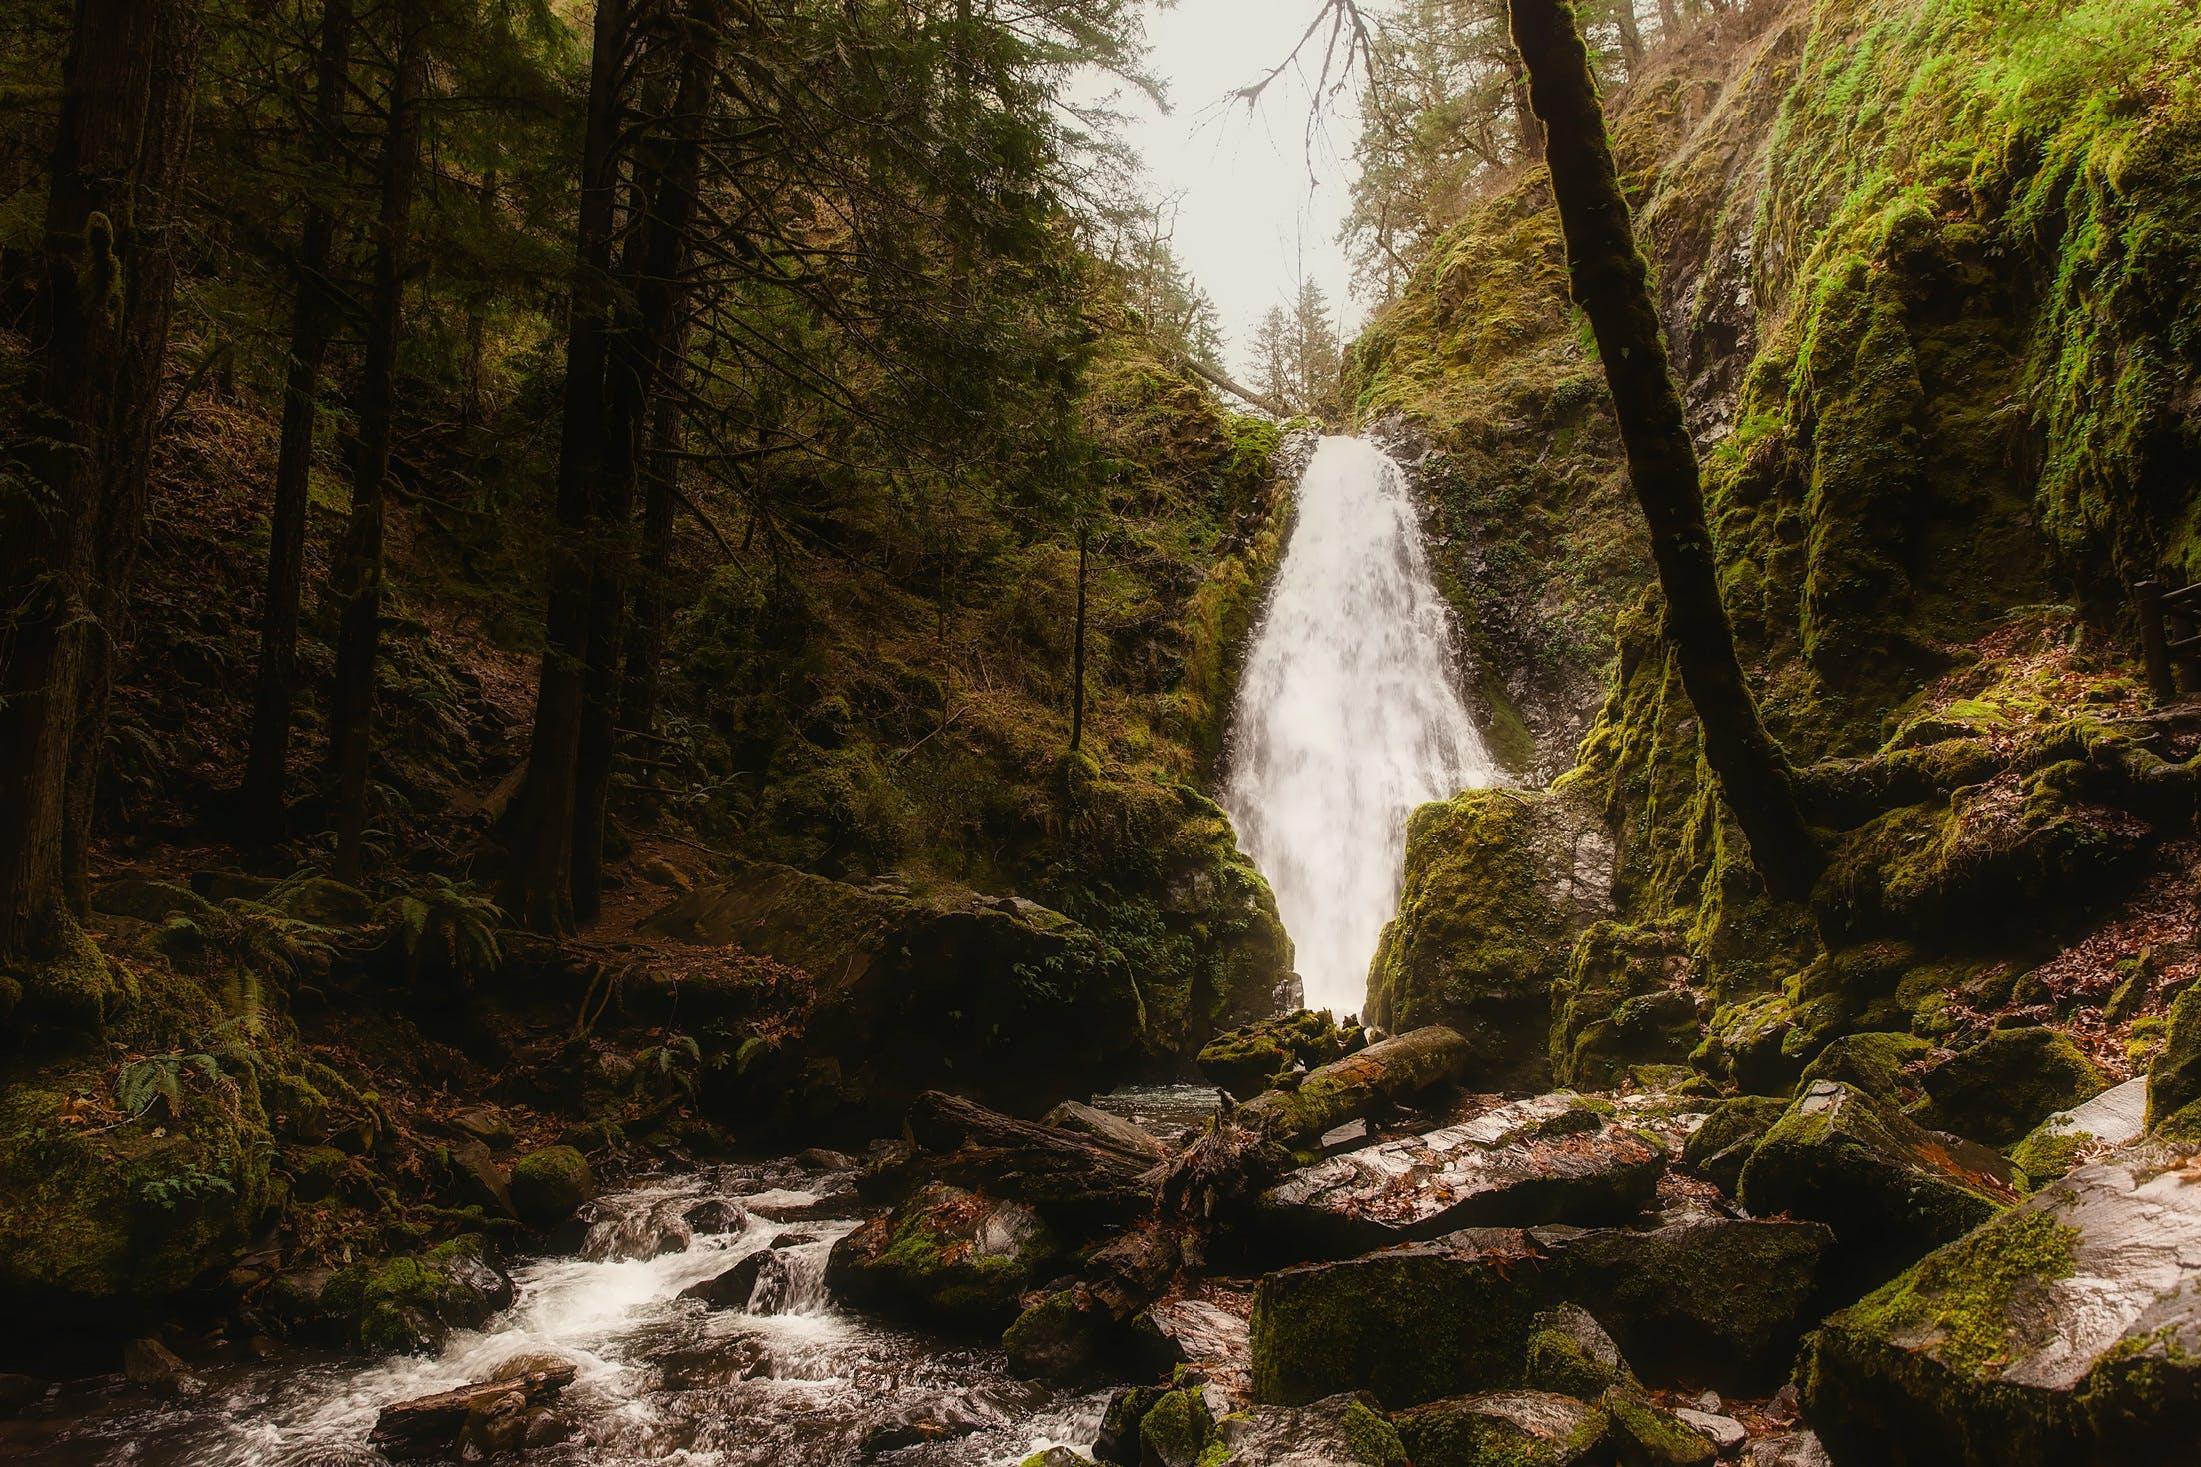 Kostenloses Stock Foto zu landschaft, natur, mann, wasser